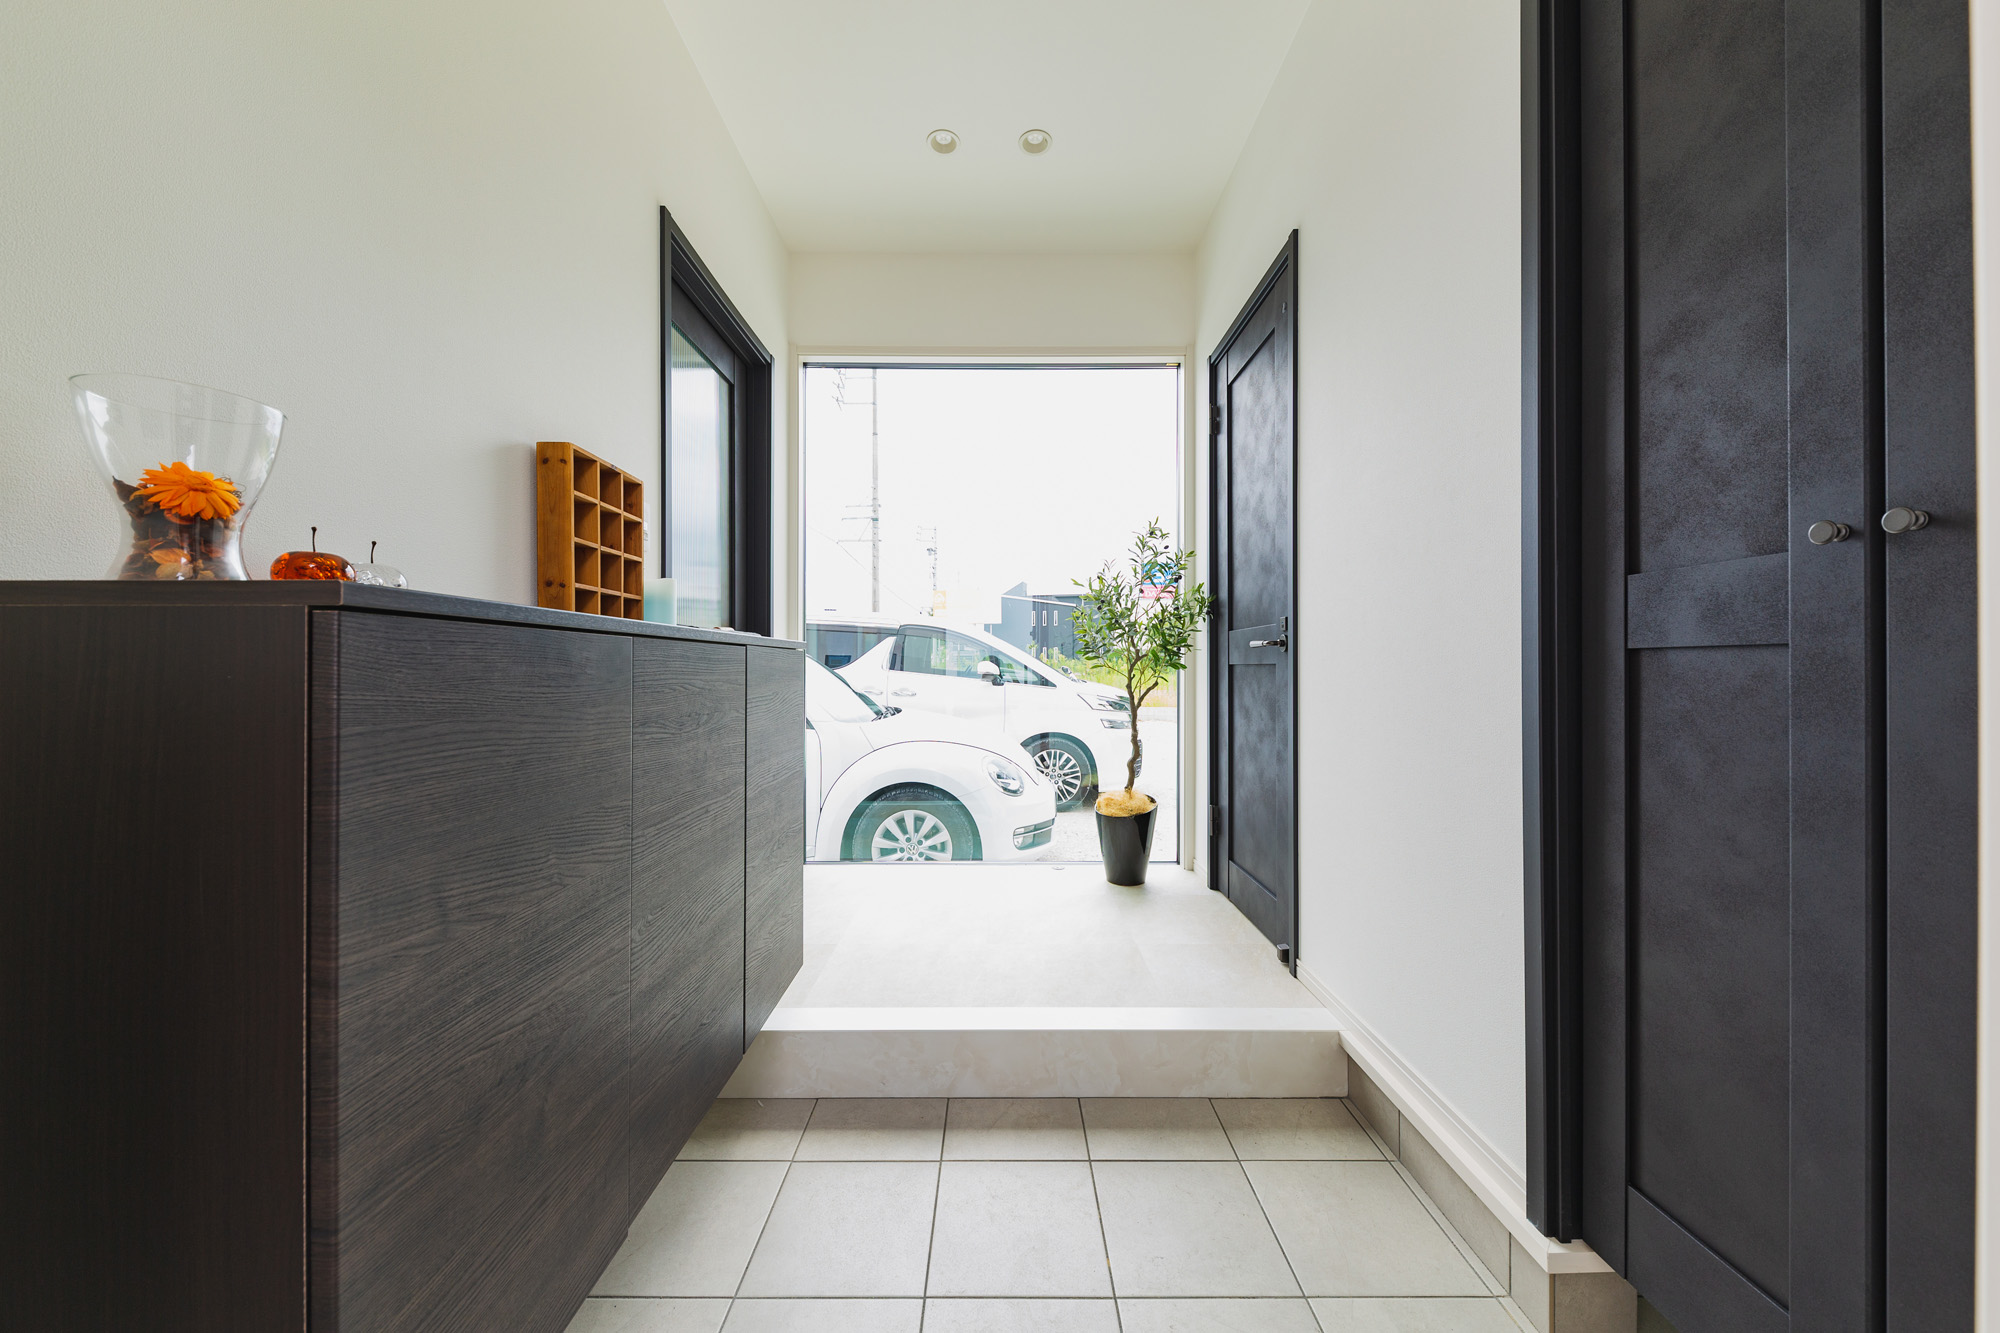 家の顔でもある玄関は大きな窓をつけることで、より広く開放感のある空間に仕上げています。